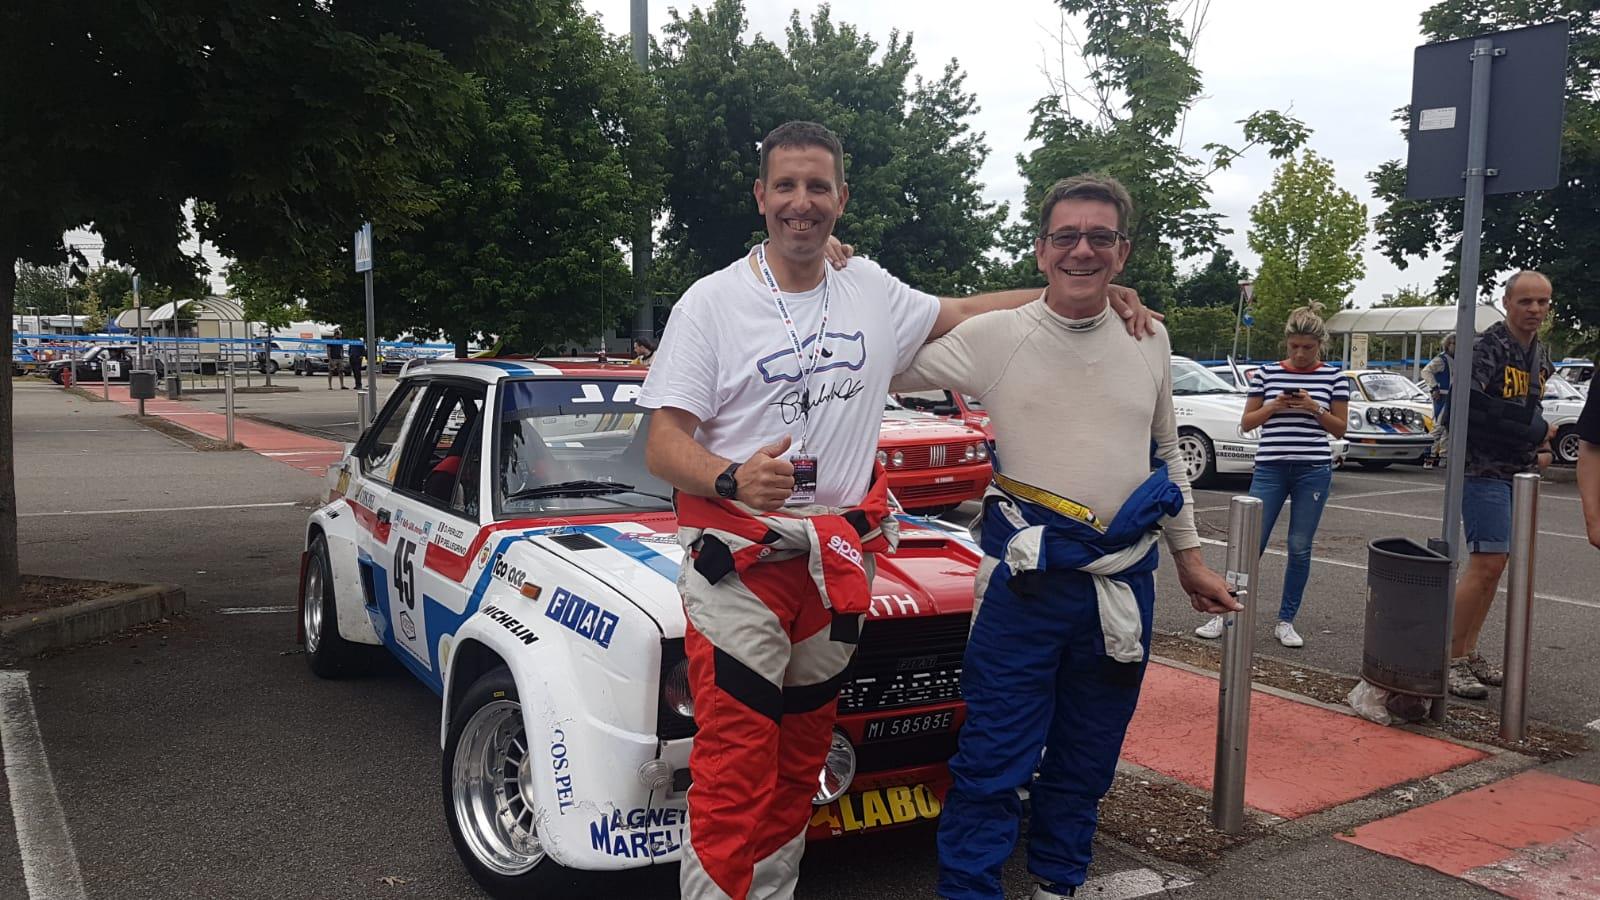 Rally – Rientro amaro per Pellegrino e Peruzzi